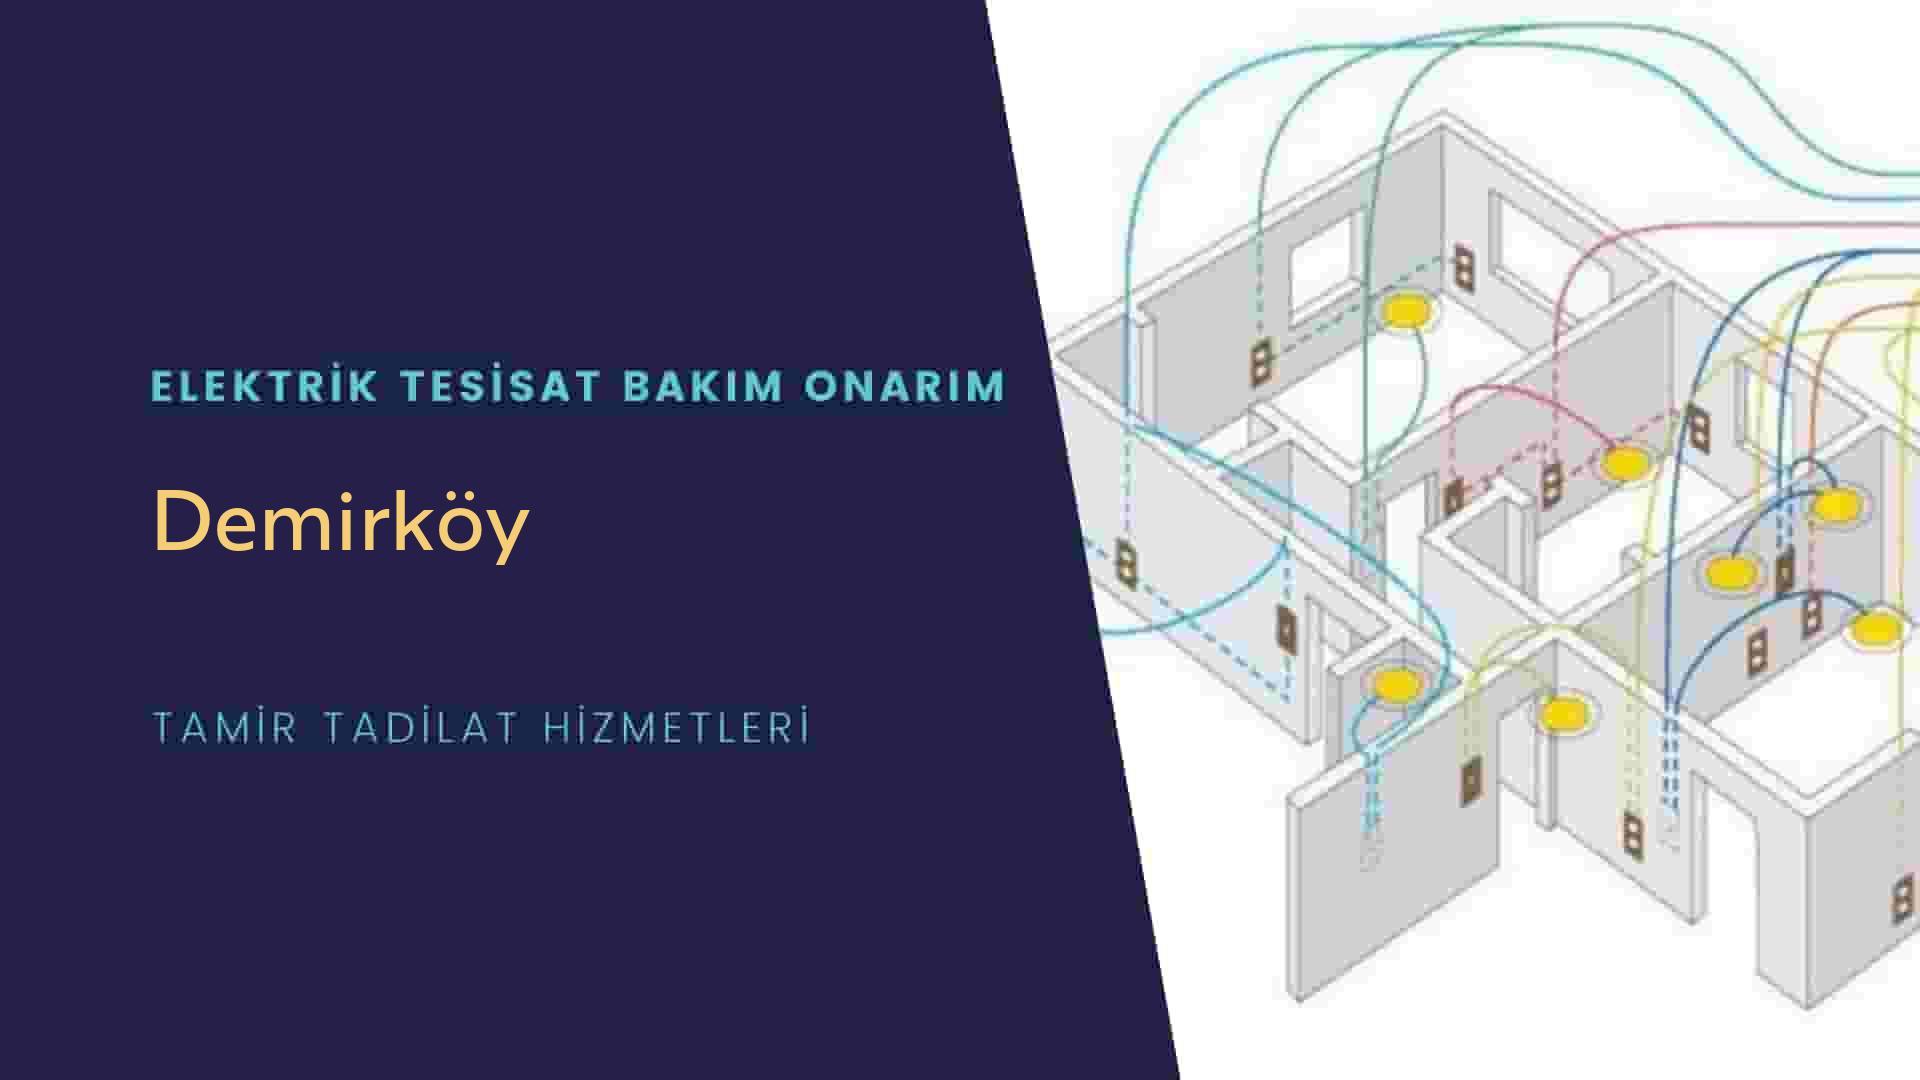 Demirköy'de elektrik tesisatıustalarımı arıyorsunuz doğru adrestenizi Demirköy elektrik tesisatı ustalarımız 7/24 sizlere hizmet vermekten mutluluk duyar.